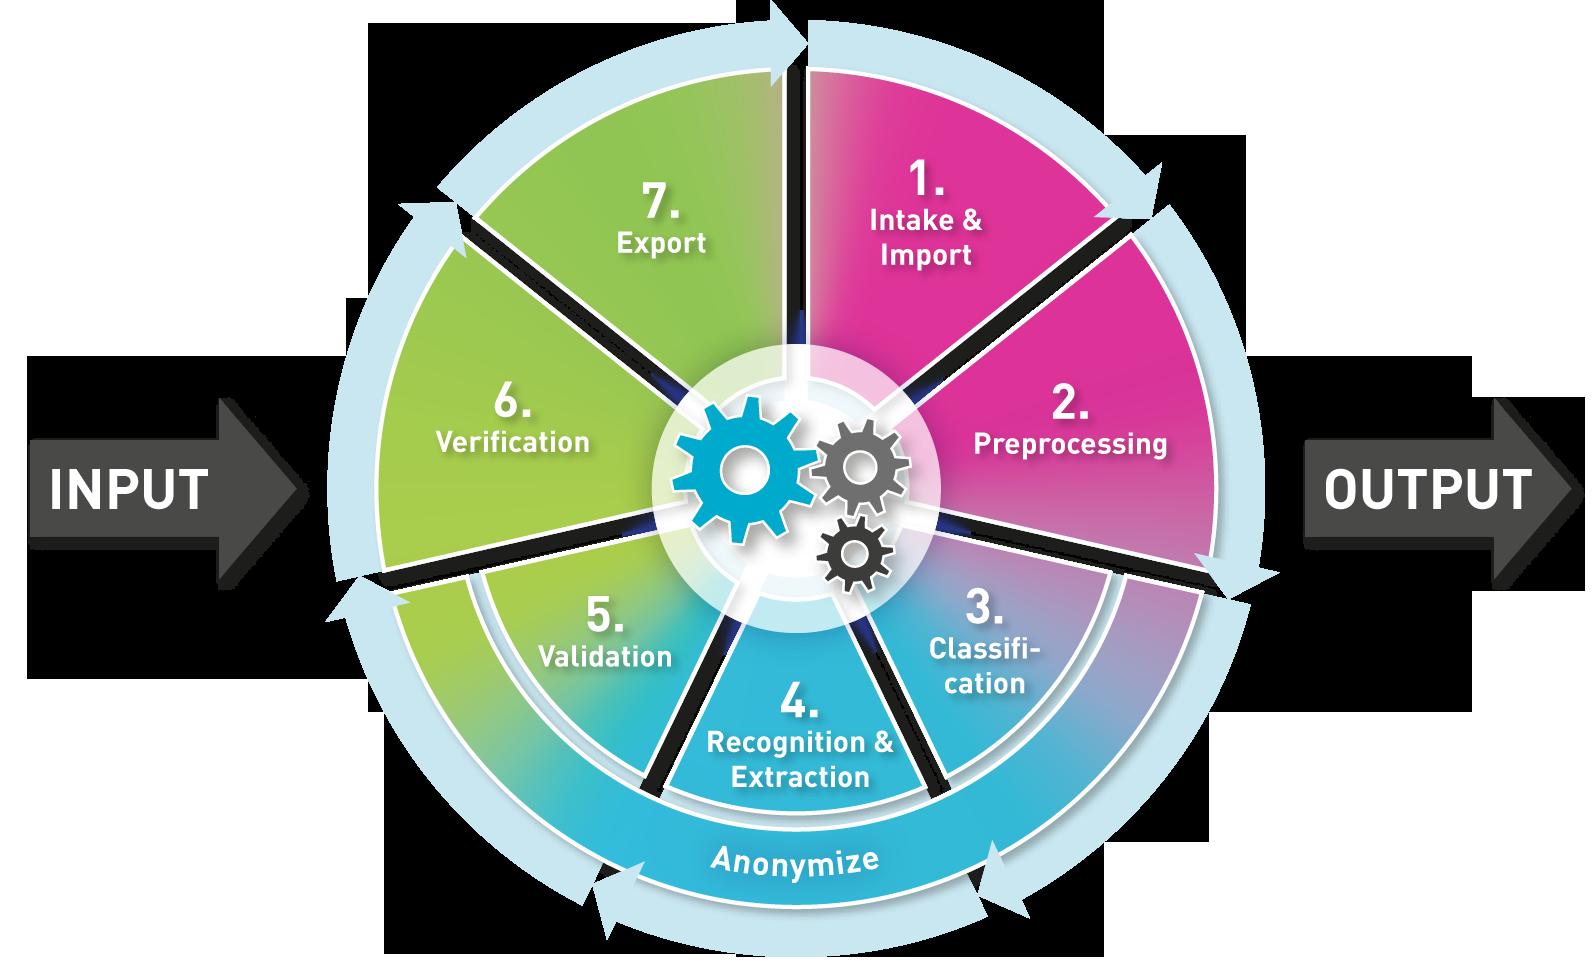 Registrierung, Automatisierung und Verarbeitung eingehender Informationen: die Phasen